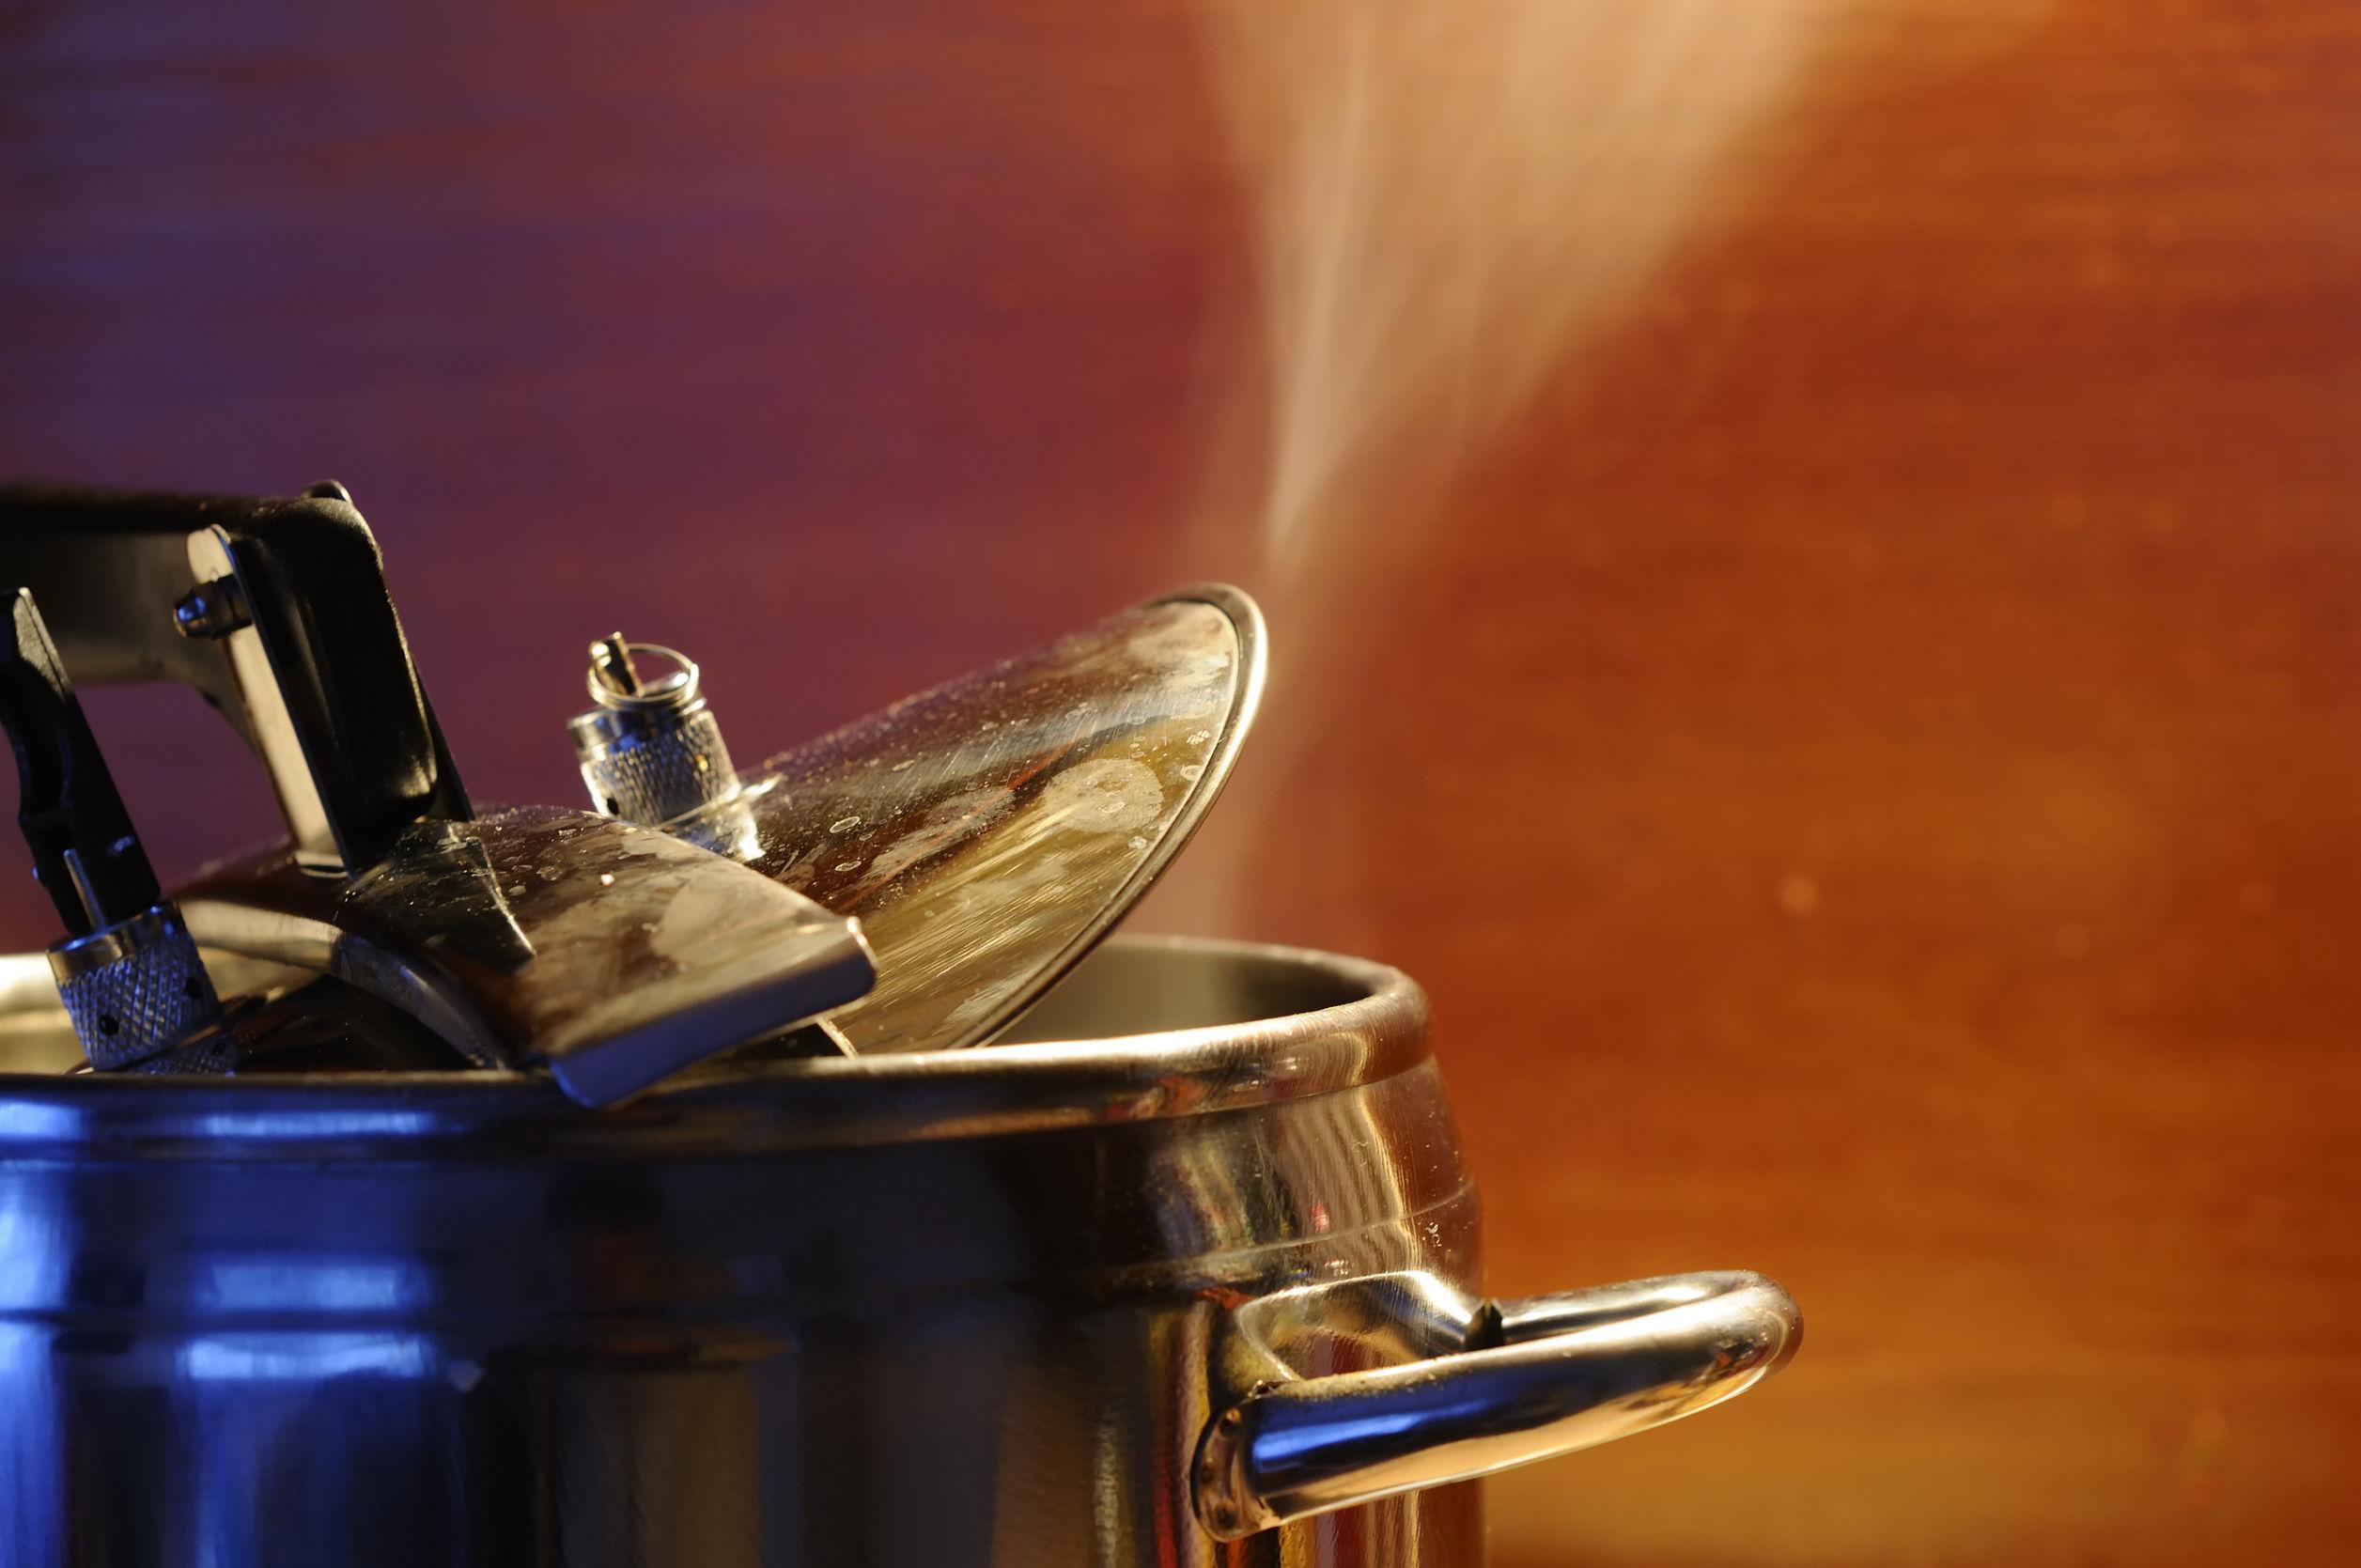 La tala de vapor de tapa de la cocina con la luz de la cocina de cocción de estilo de cocina de cocina china